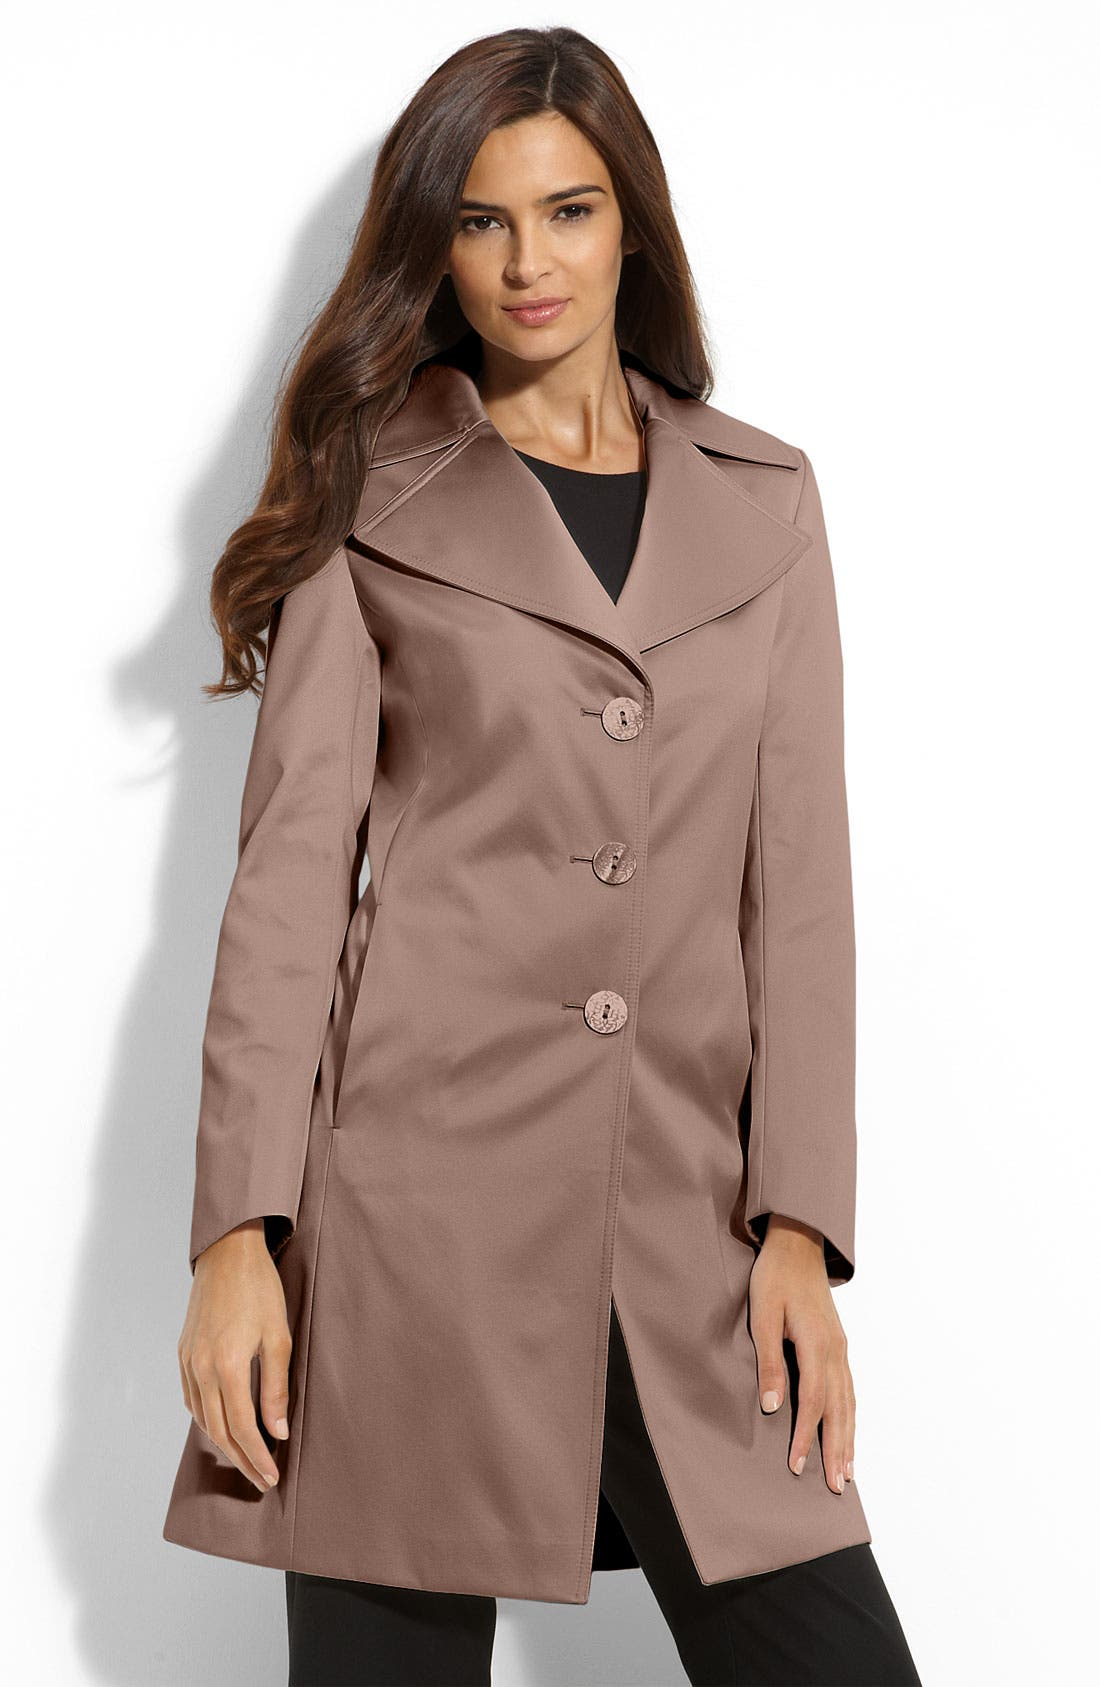 'Lola' Notched Collar Walking Coat,                             Main thumbnail 1, color,                             Vintage Rose